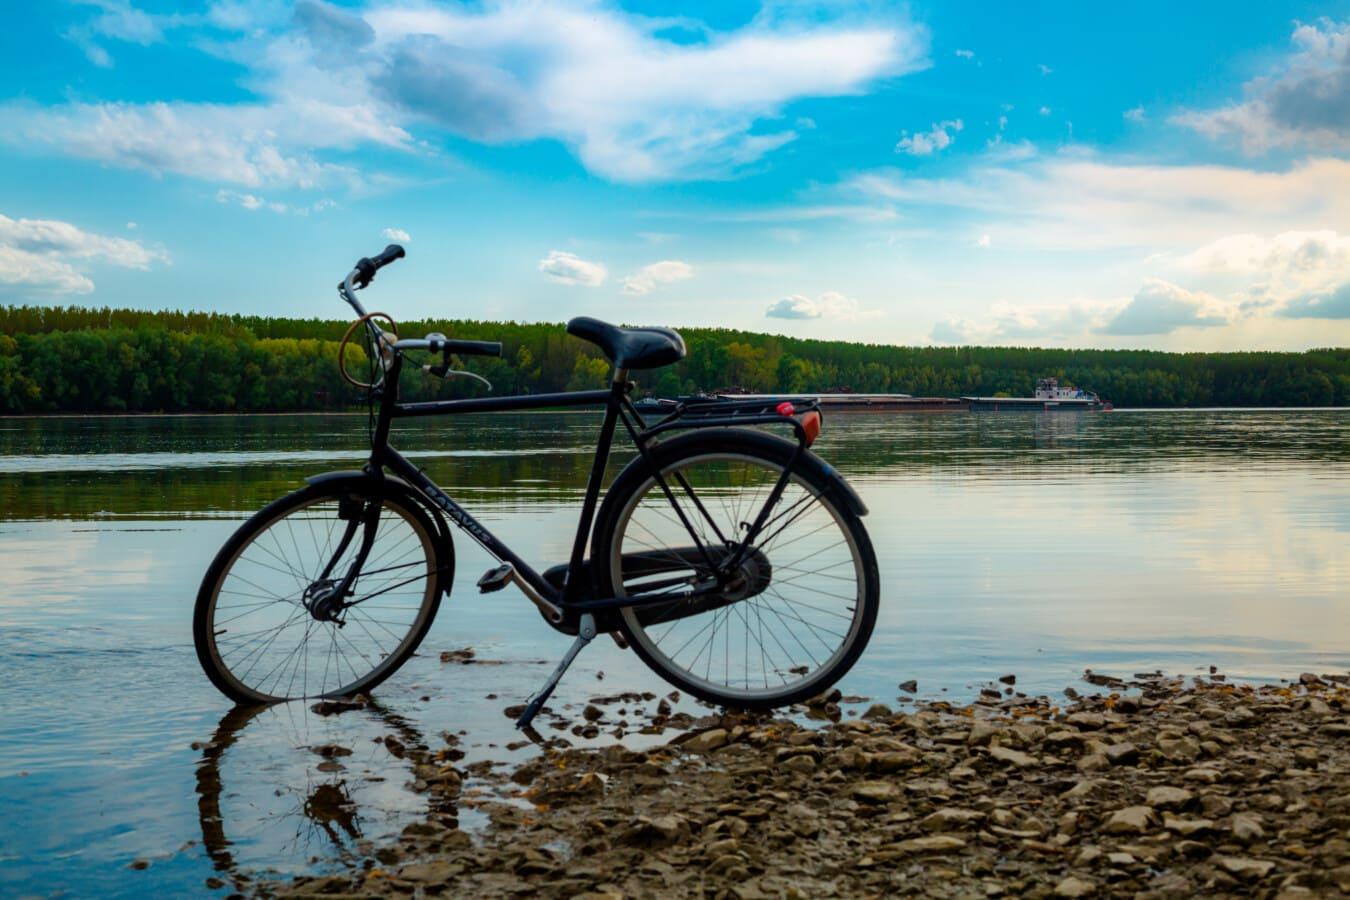 riverbank, river, bicycle, pebbles, beach, cycling, wheel, bike, lake, water